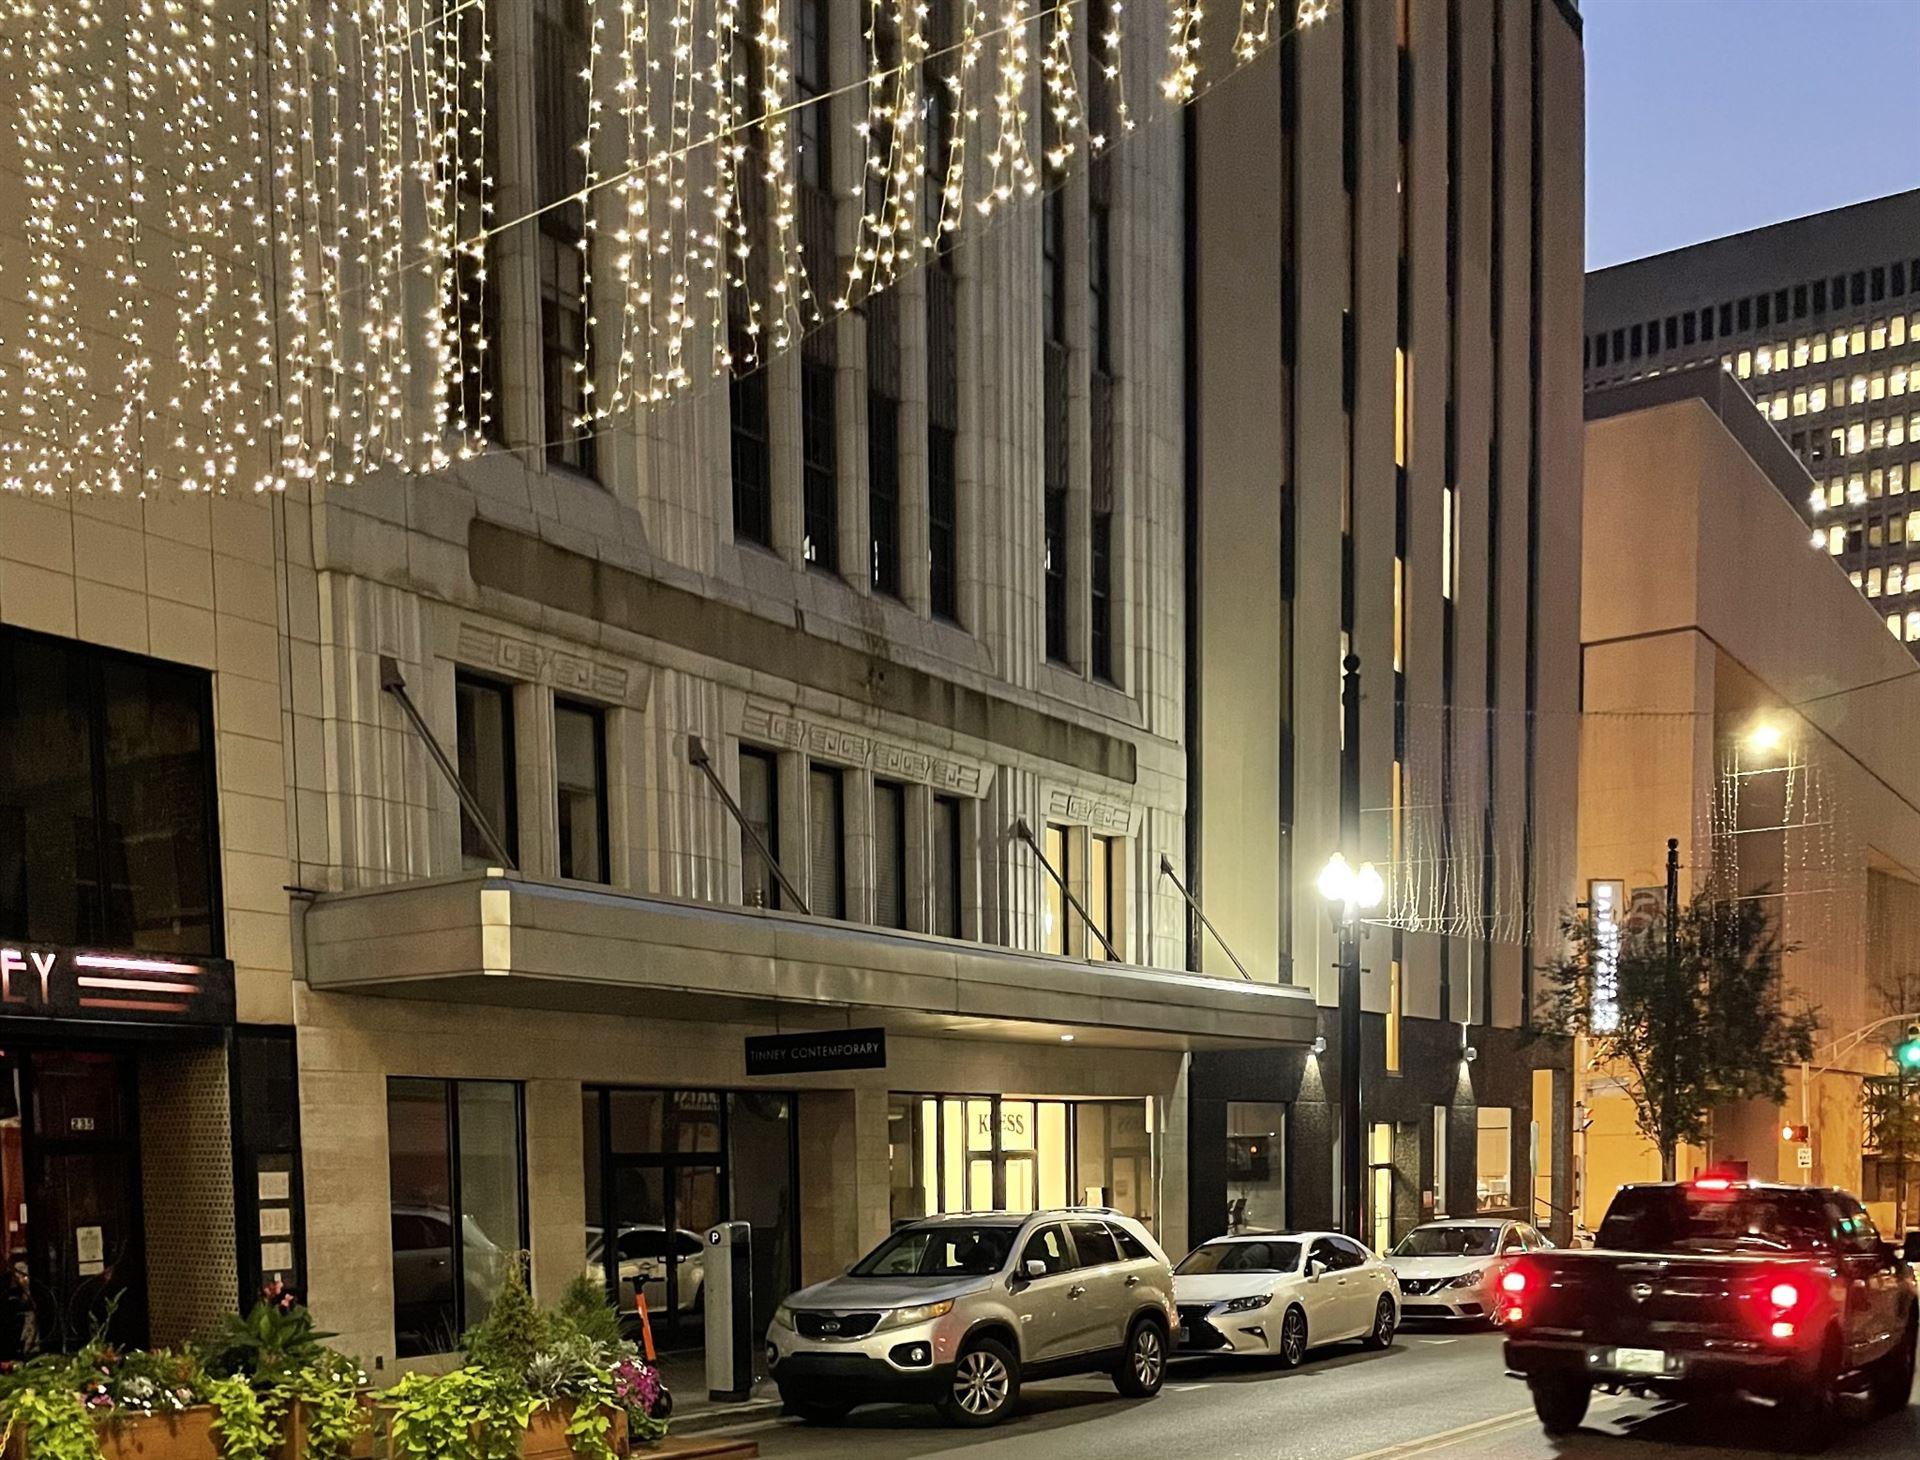 239 Rep John Lewis Way N #602, Nashville, TN 37219 - MLS#: 2290206